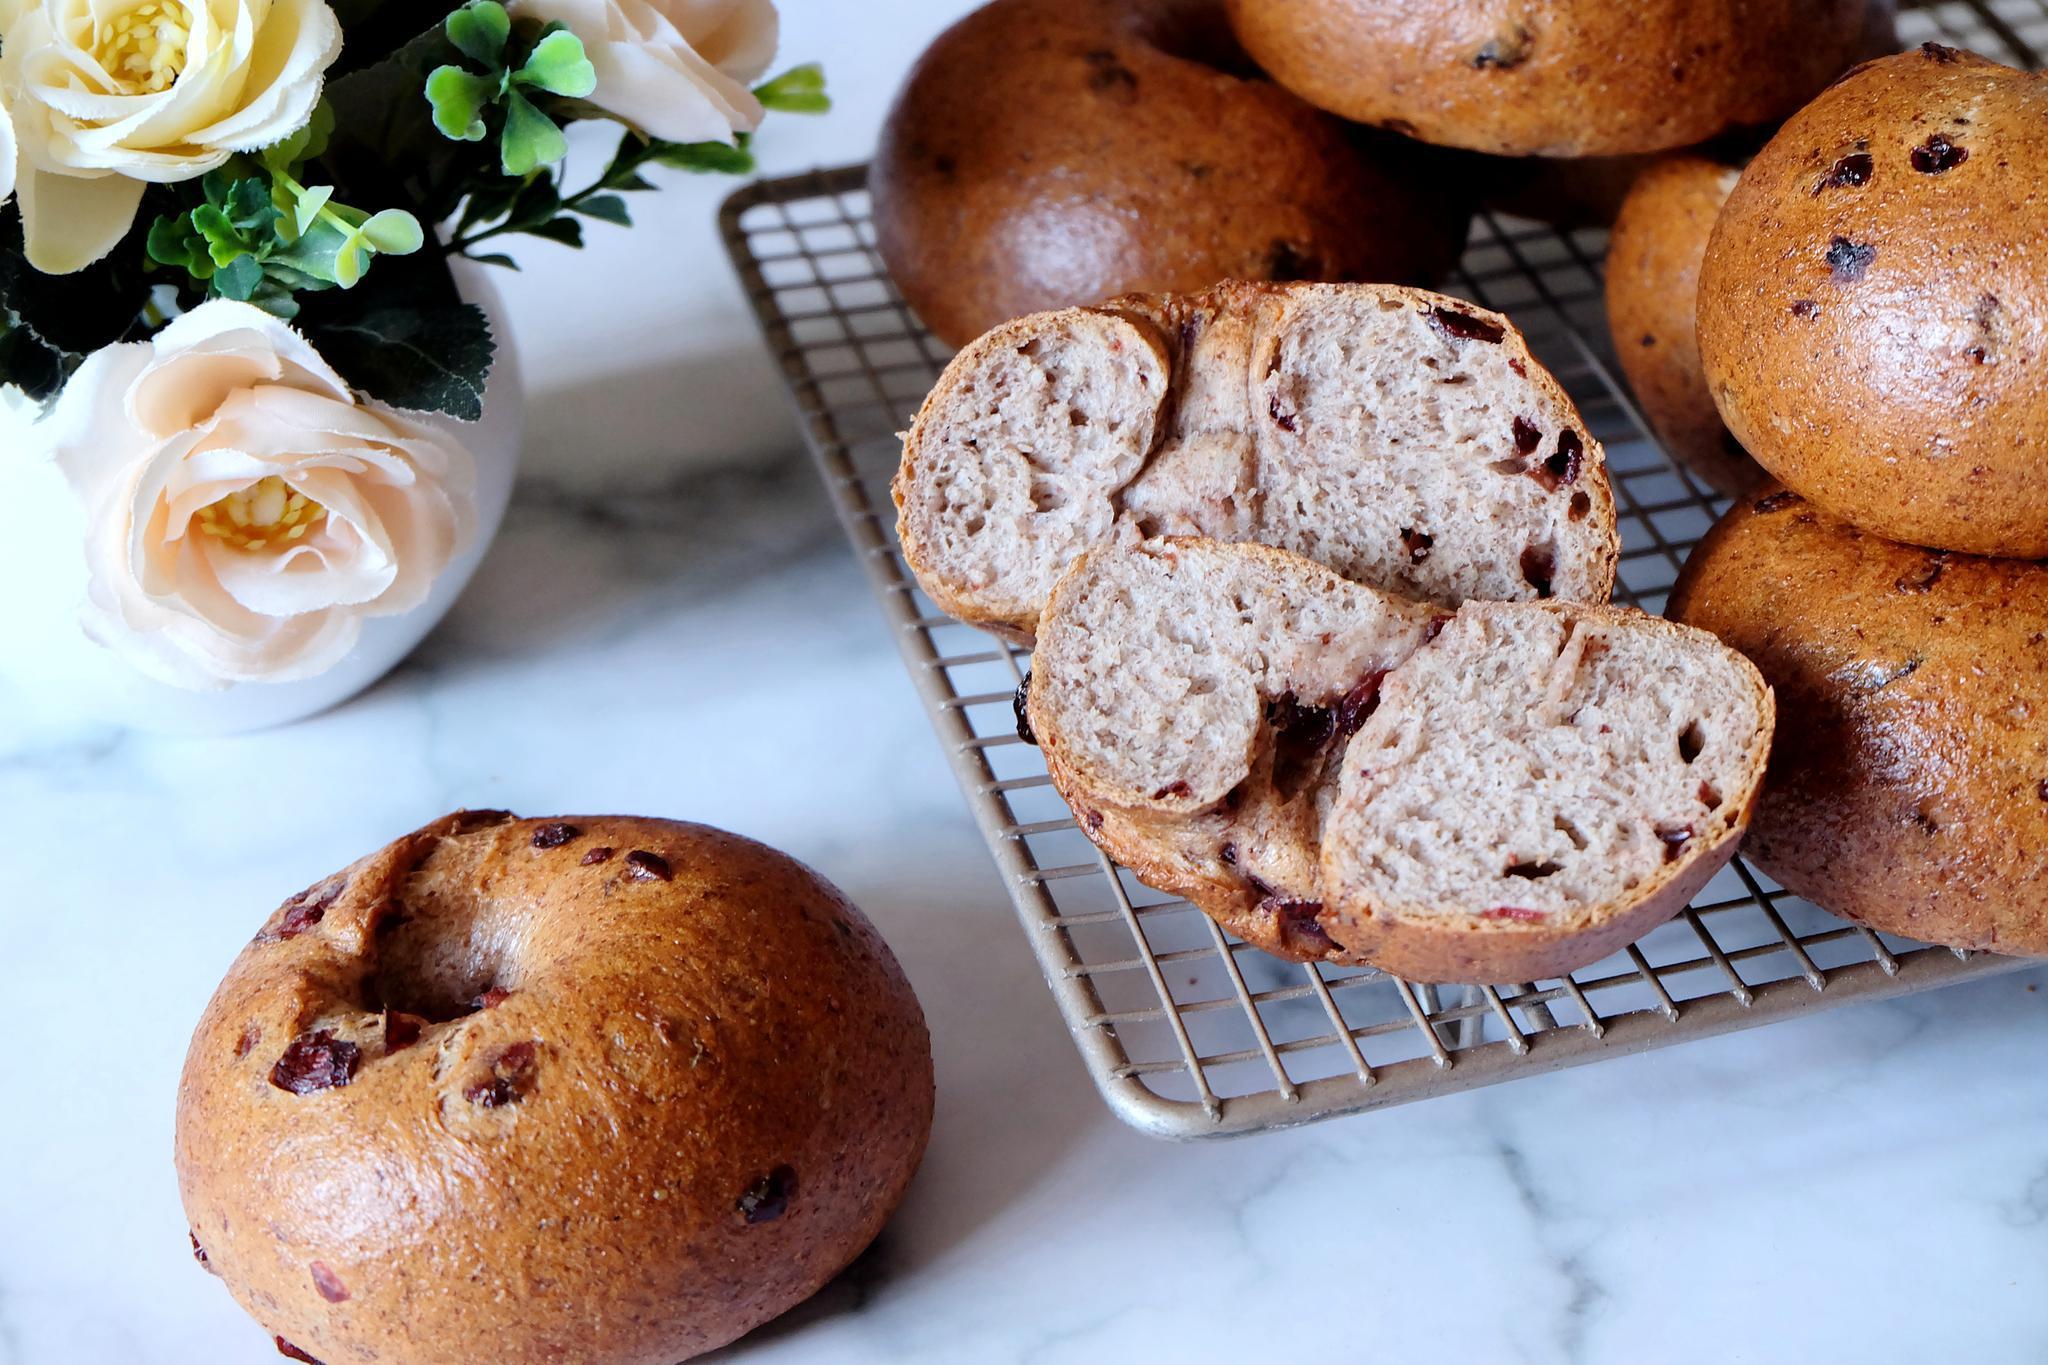 两种面粉搭配蔓越莓干,烤出8个好吃的贝果面包,低卡低糖味道好